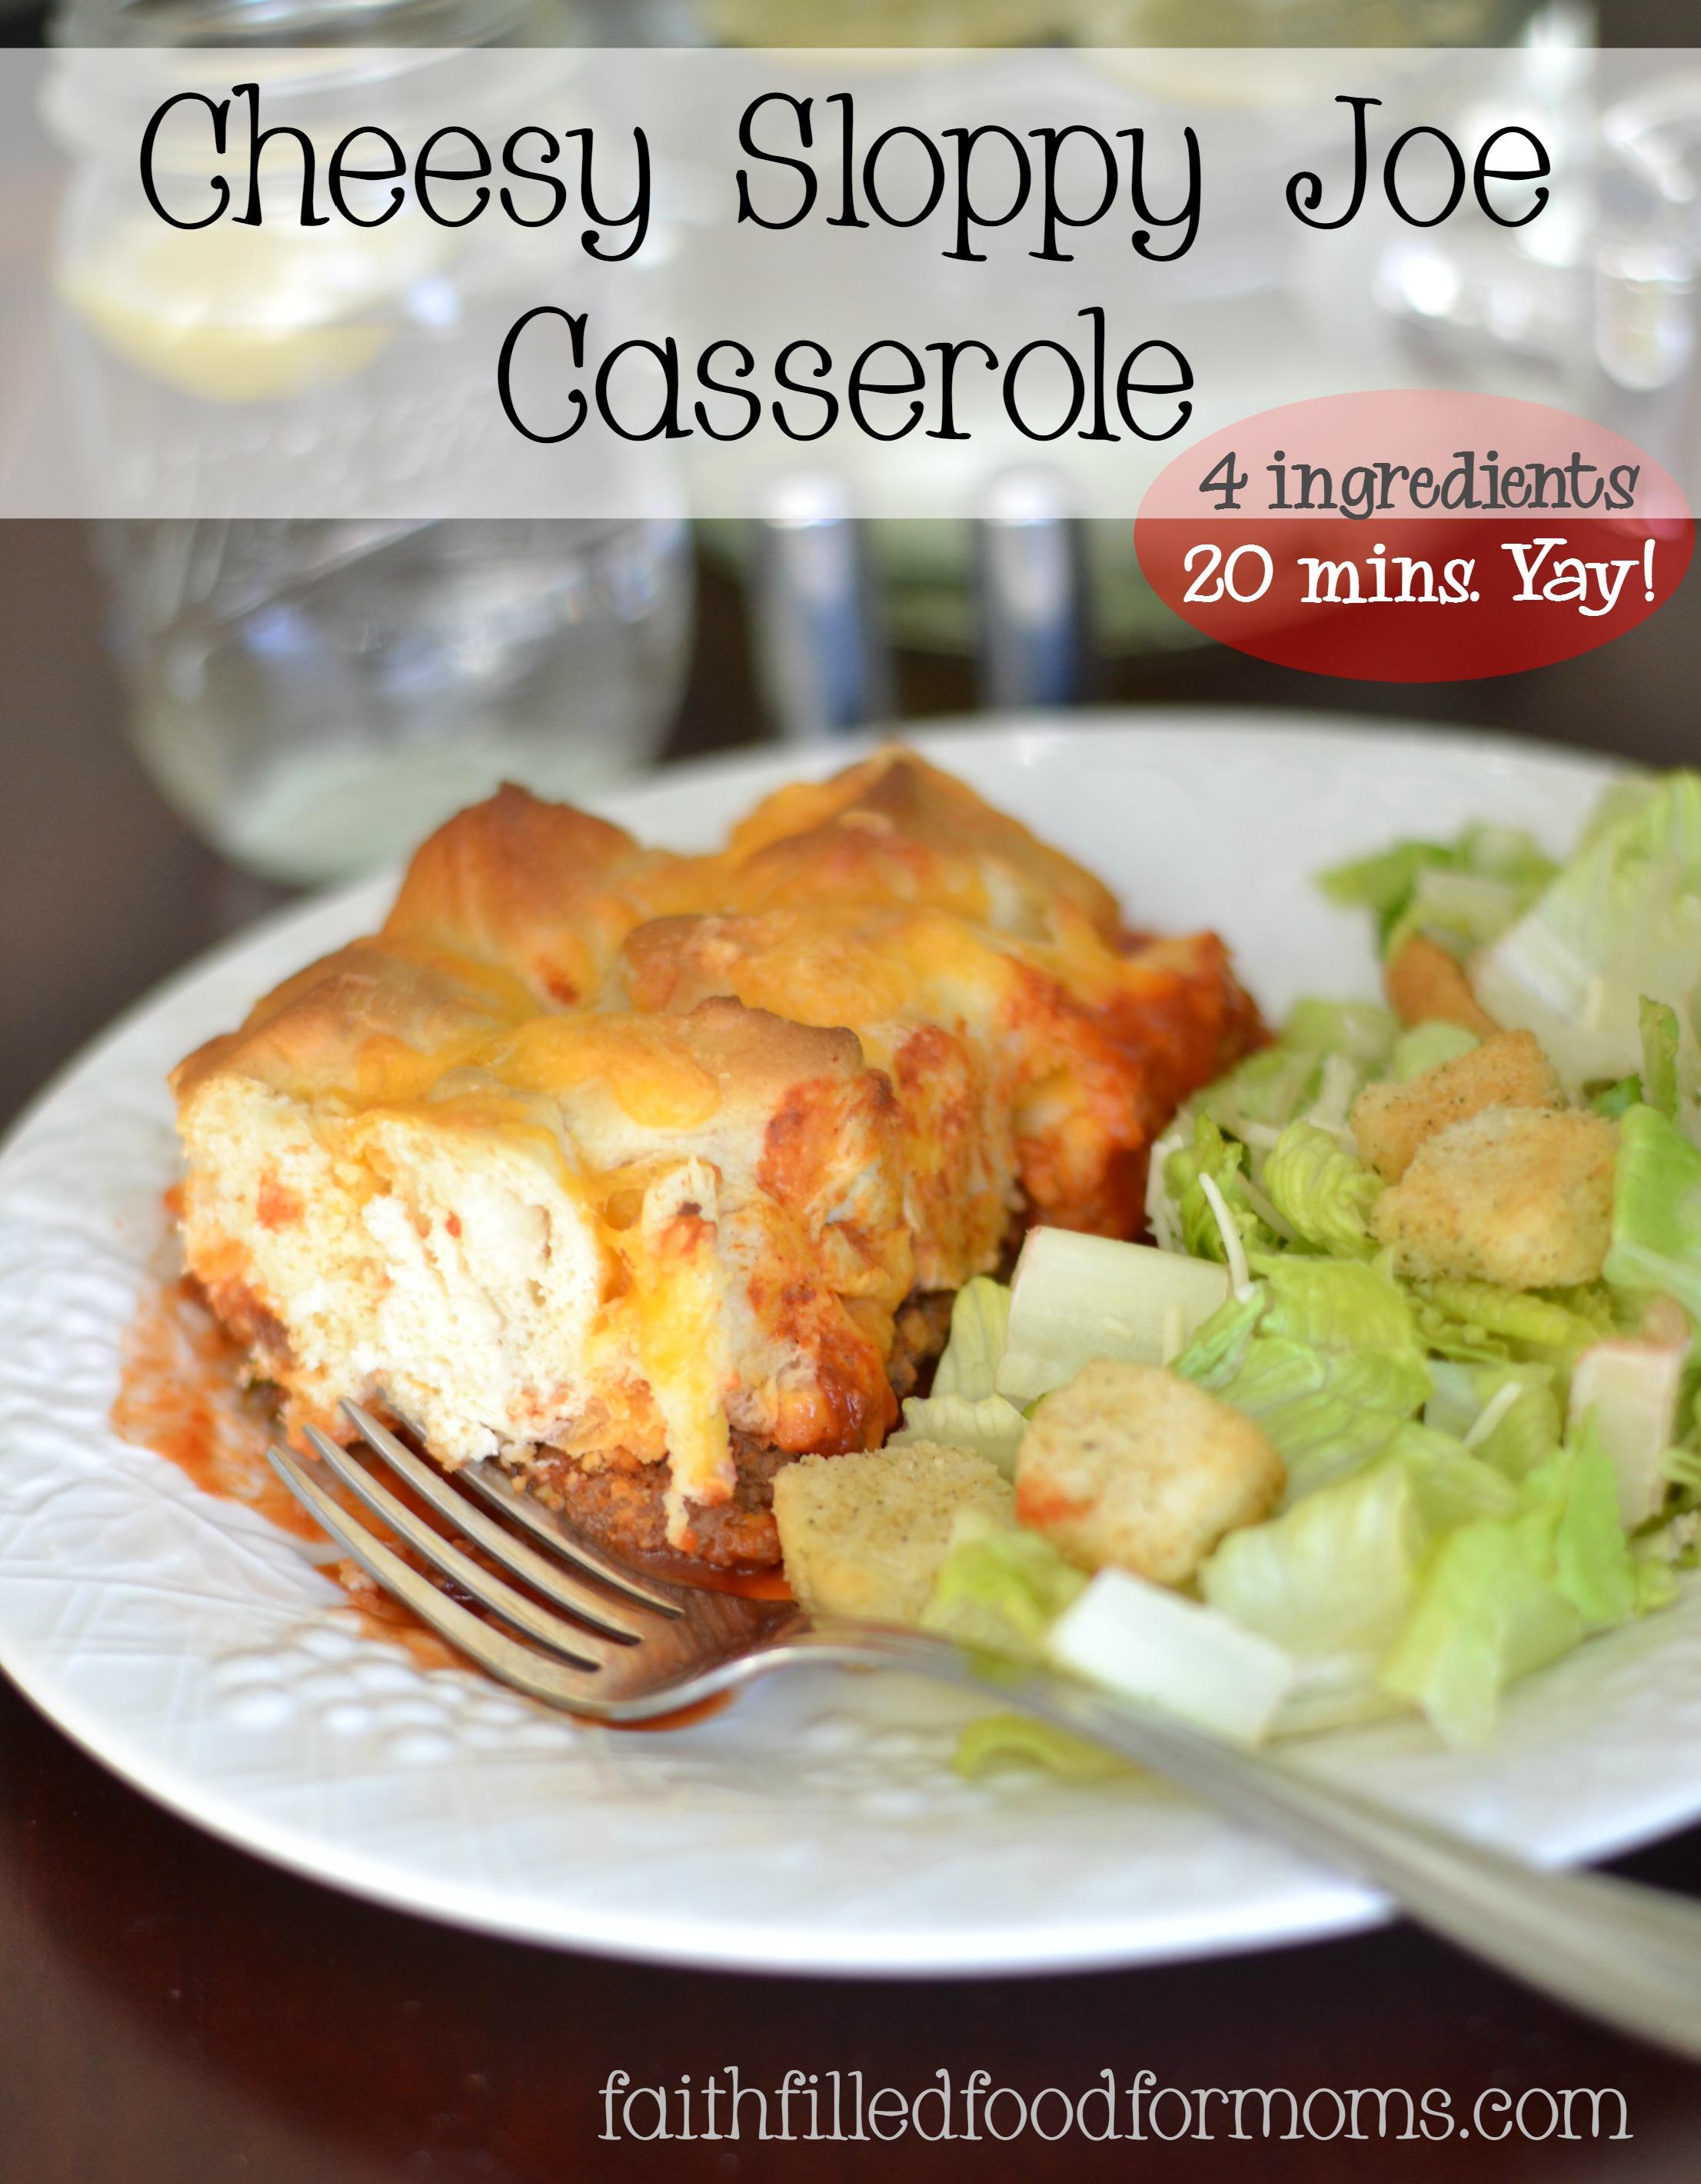 cheesy-sloppy-joe-casserole-4